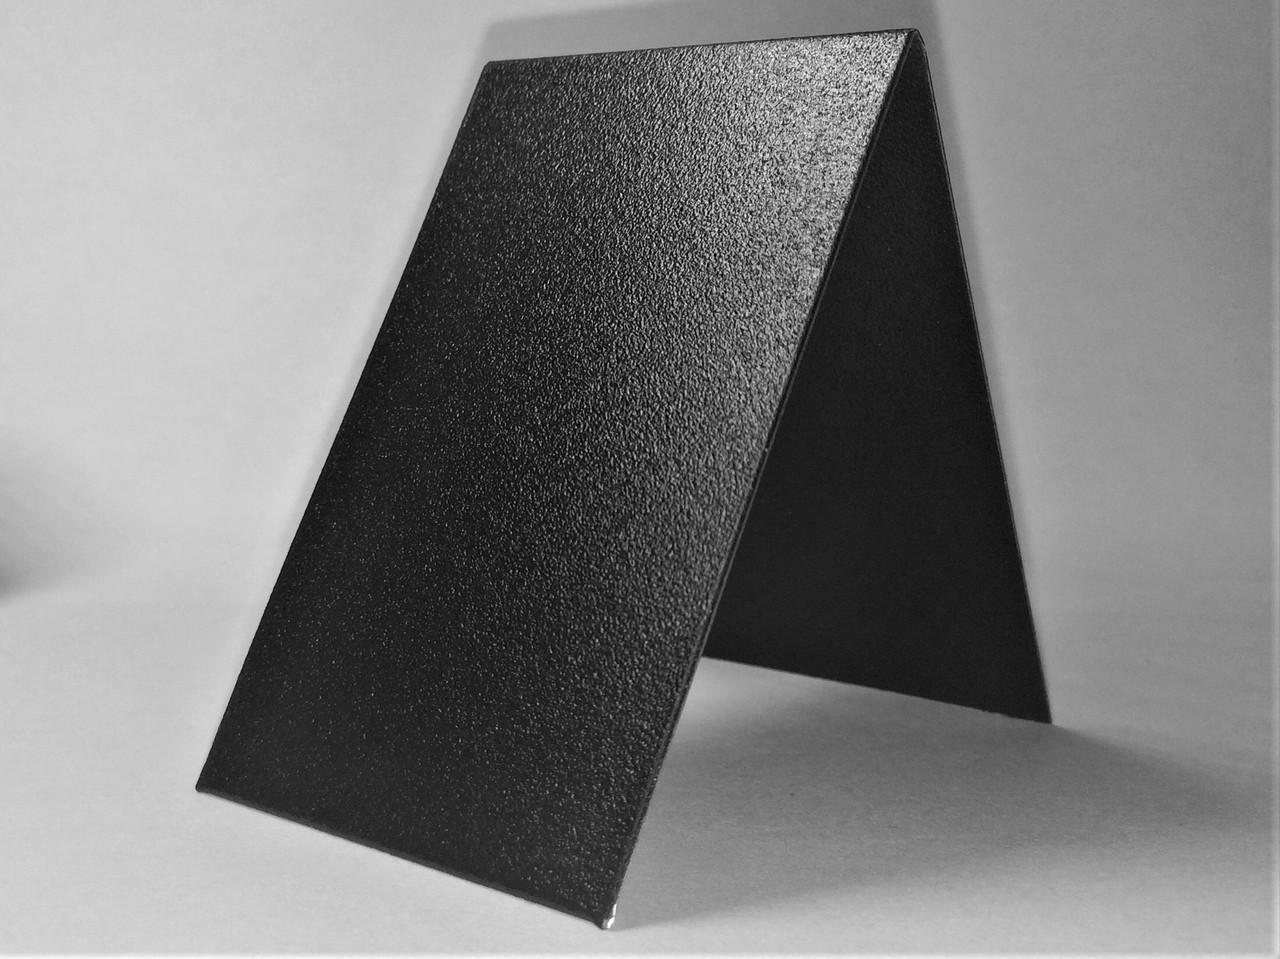 Меловой ценник 4х3 см V-образный двухсторонний вертикальный грифельный. Для мела и маркера